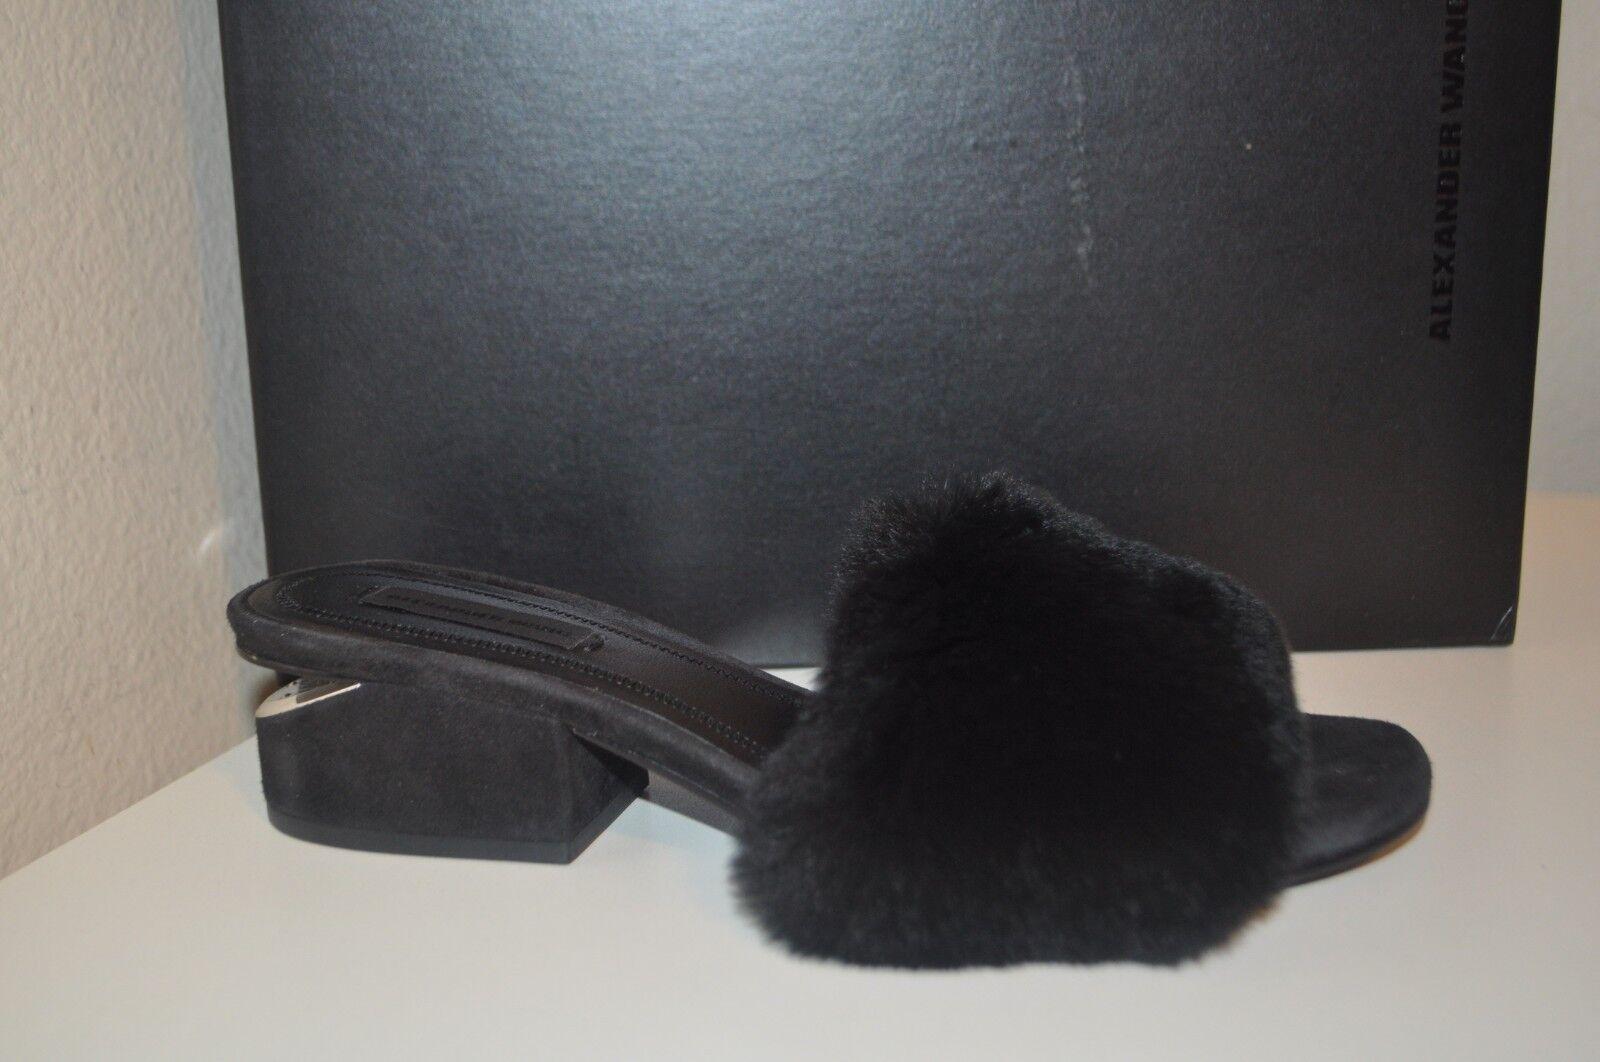 Alexander Wang Lou Lou Lou véritable fourrure de lapin SLIDE Mule sandale talon bottier bas et 36 Noir f682e8